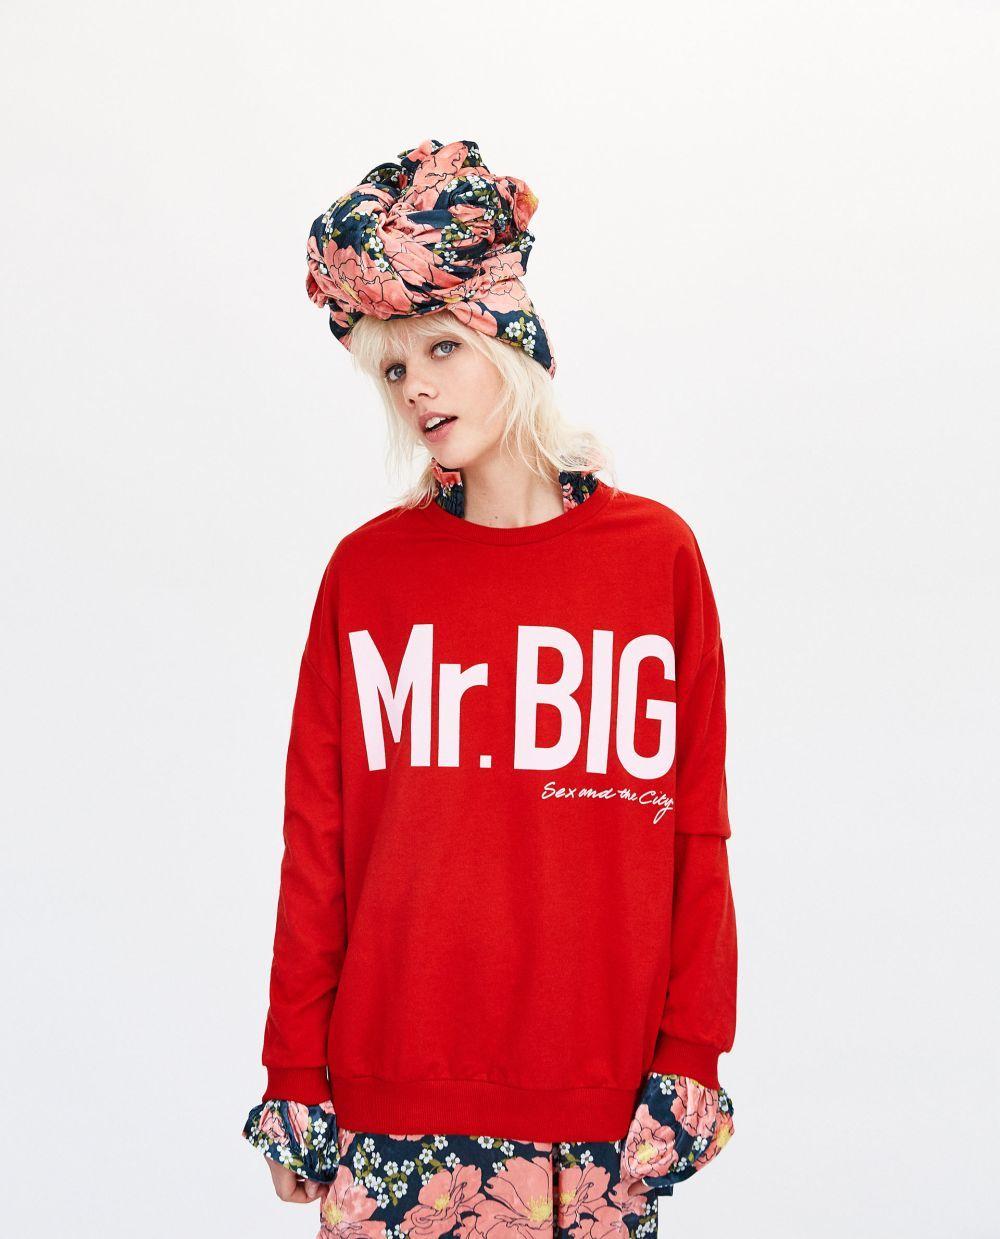 Sudadera roja con las letras 'Mr Big' en tamaño xxl (22.95 euros)